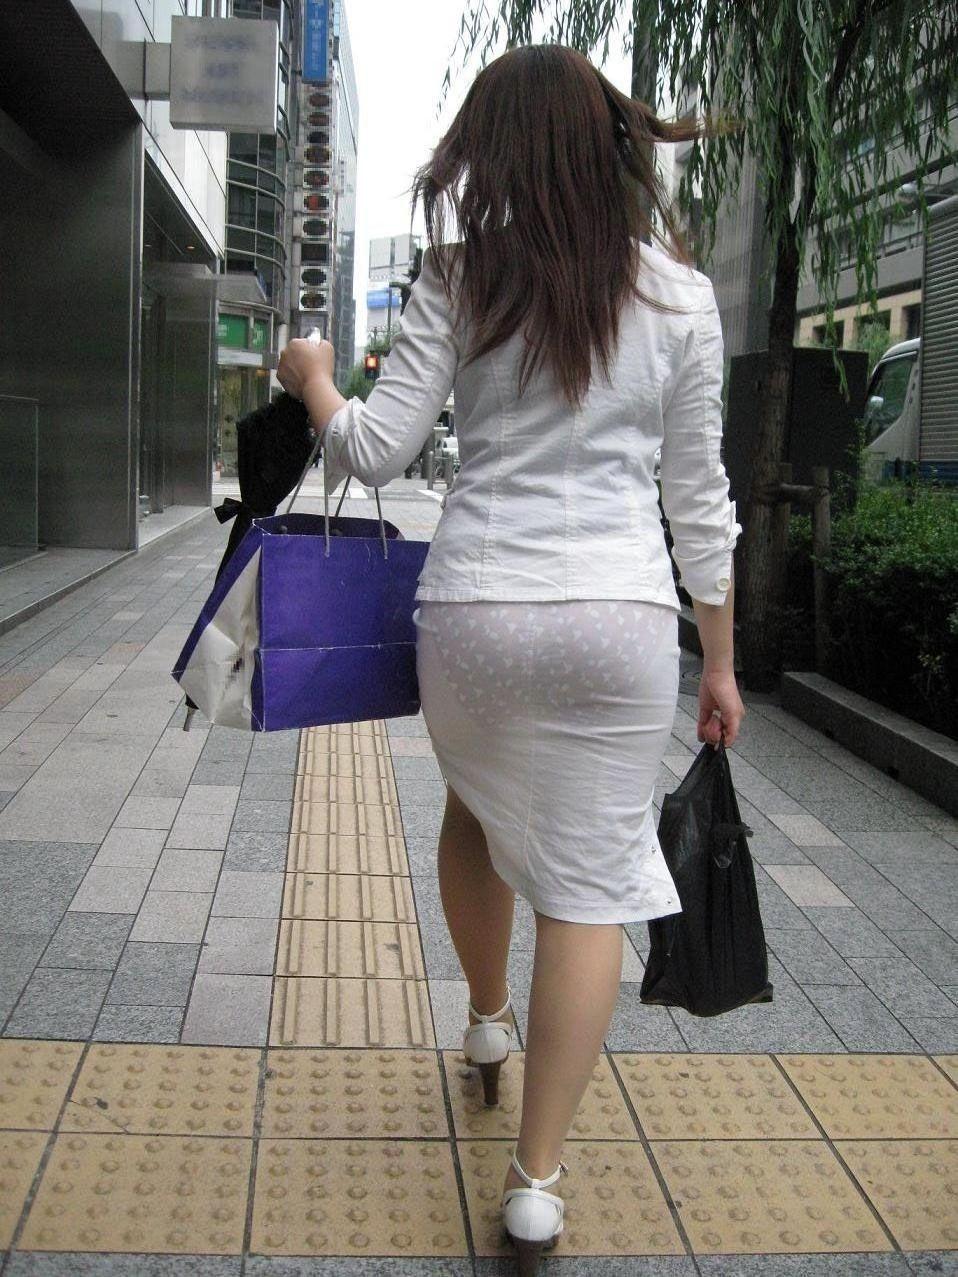 できるOLお姉さんはピチピチのタイトスカートで丸いお尻で男性を癒す!7枚目